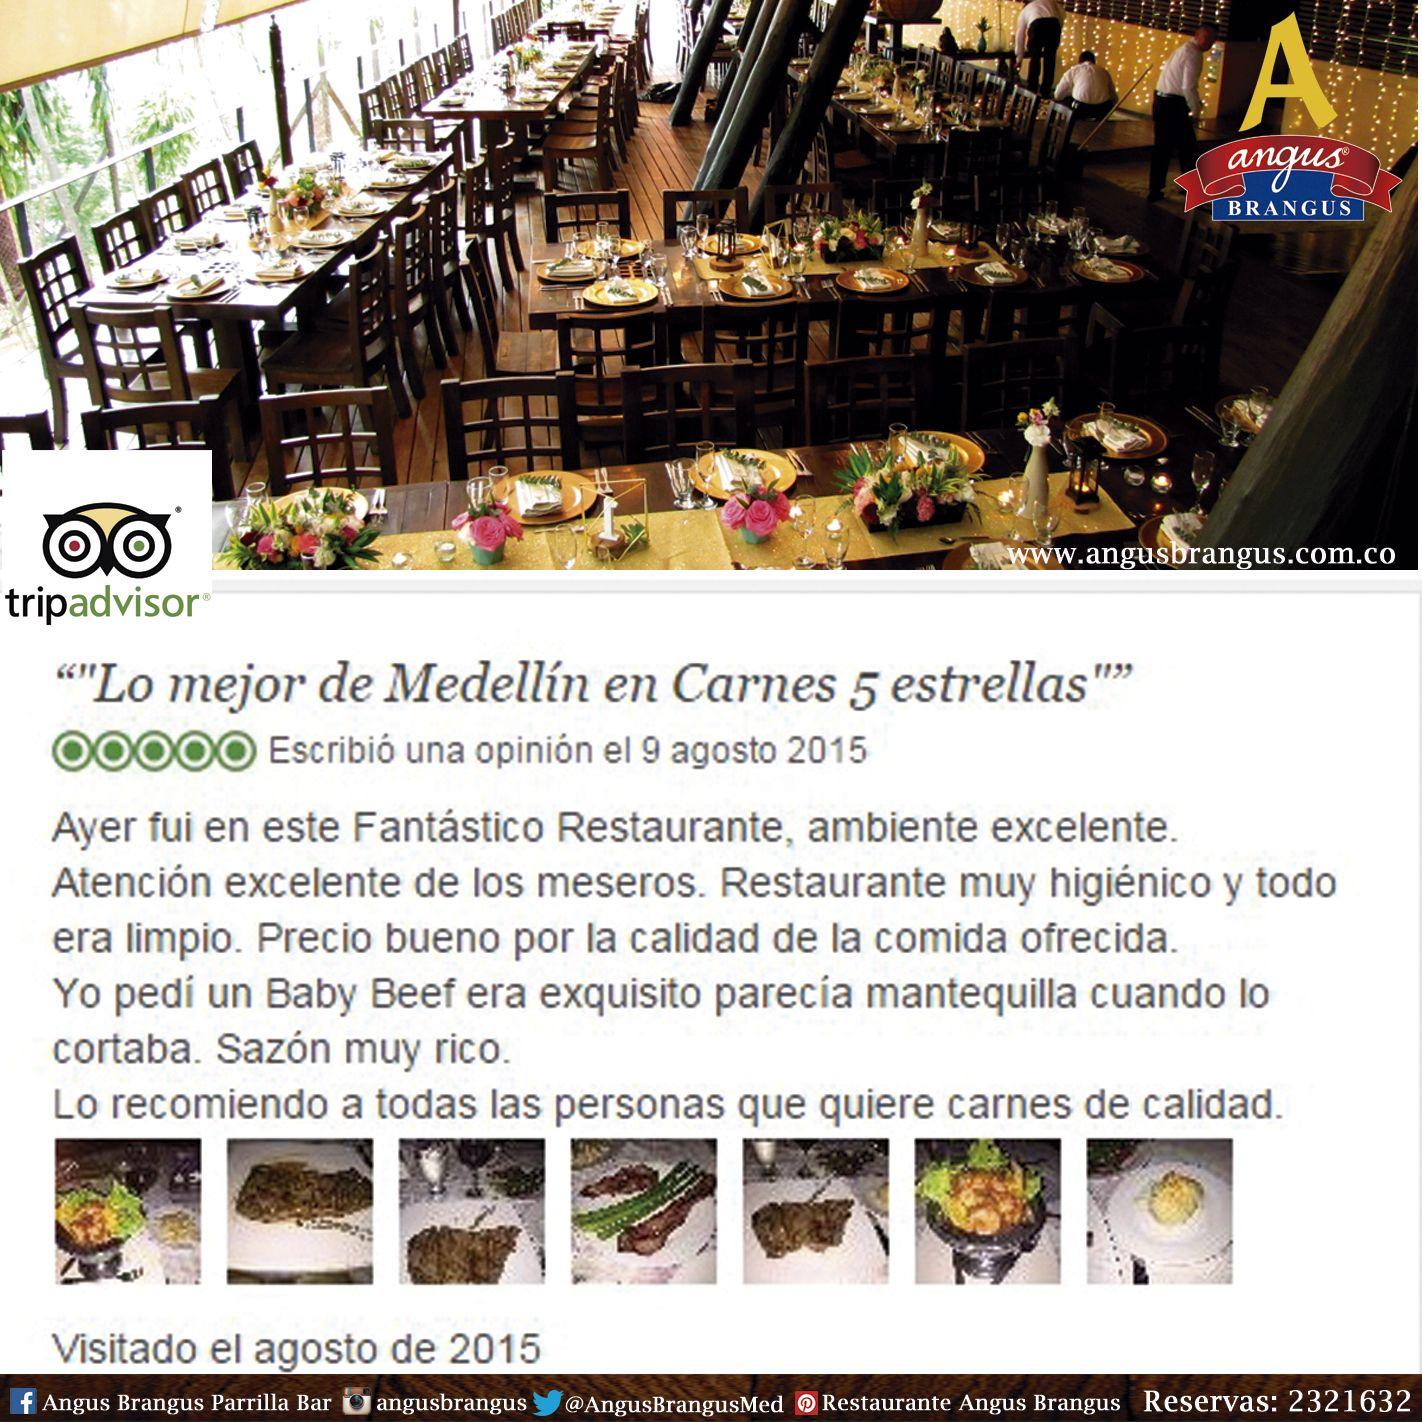 Recuerda dejarnos tu percepción y tu experiencia registrada en nuestras redes sociales. Es muy importante para mejorar cada día y seguir ofreciendo lo mejor de nosotros. http://ow.ly/NVnxQ   #Tripadvisor #Medellín #Restaurantes #AngusBrangus